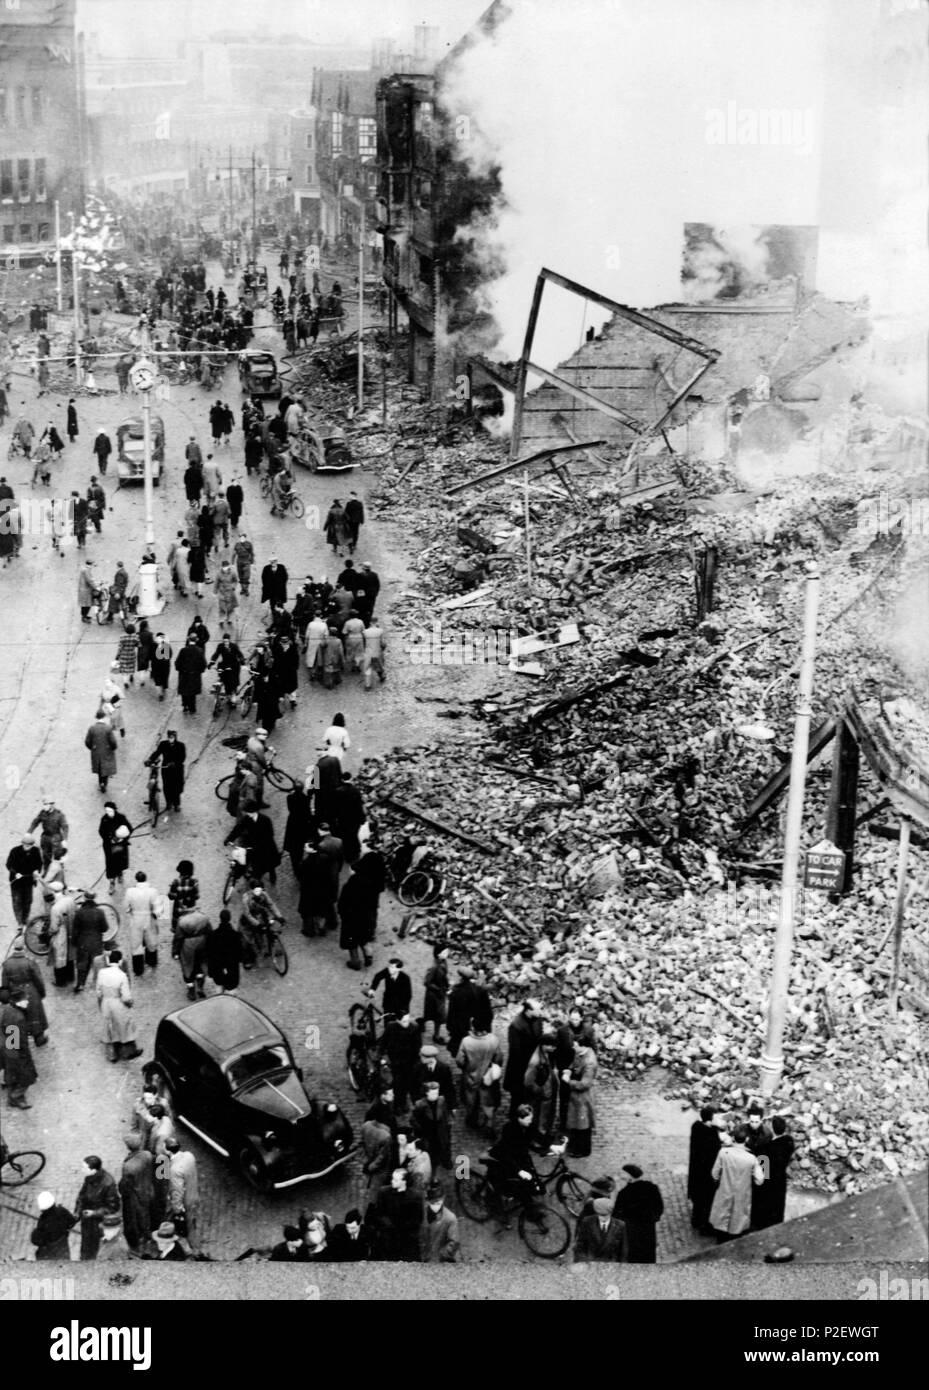 Une rue à Coventry (Angleterre) après un bombardement nazi. Banque D'Images